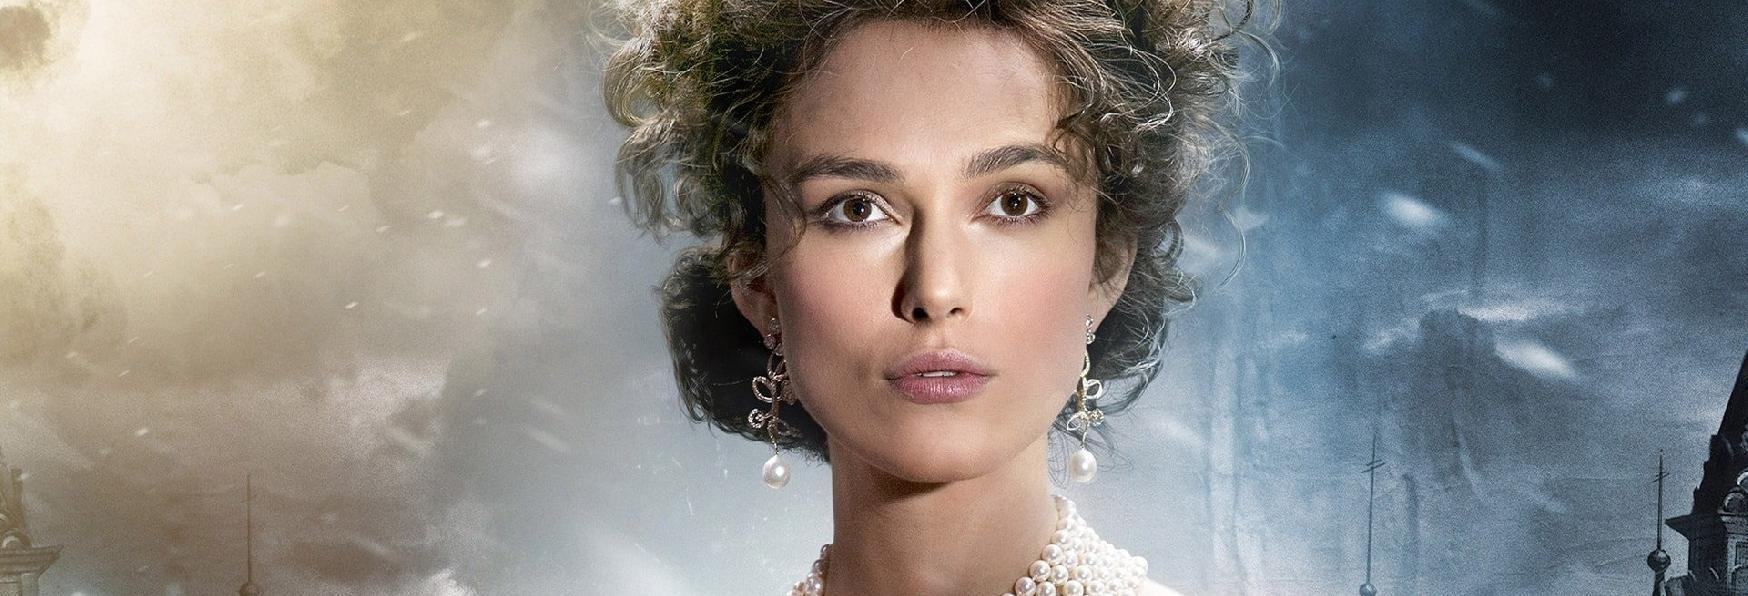 Anna Karenina: BBC realizzerà una Serie TV, trasposizione del Romanzo di Lev Tolstoj